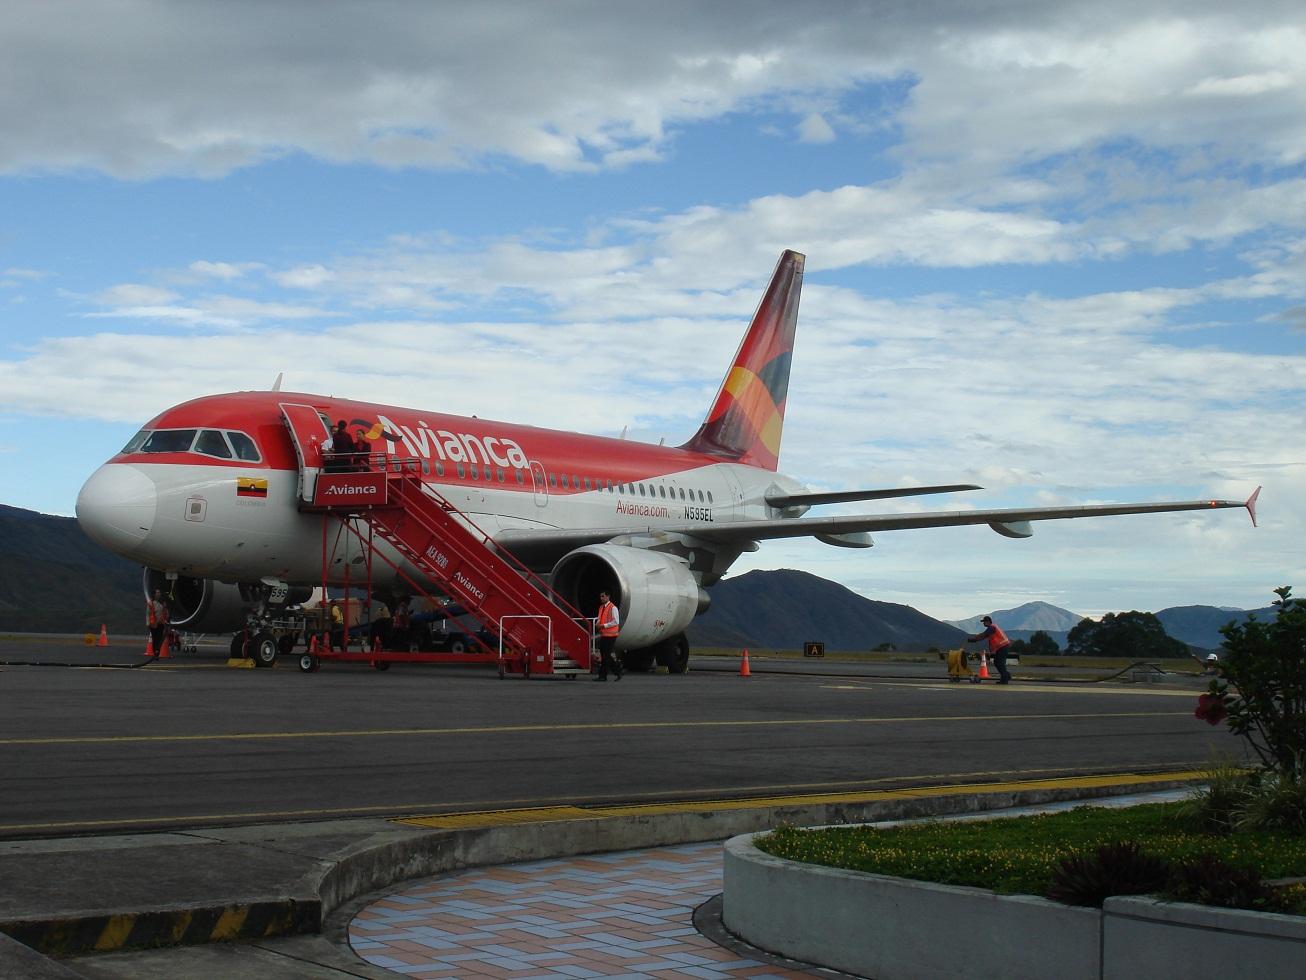 Carta enviada a Avianca por congresistas. Piden que no suspendan vuelo Cartagena - Miami | Nacional | Economía | EL FRENTE